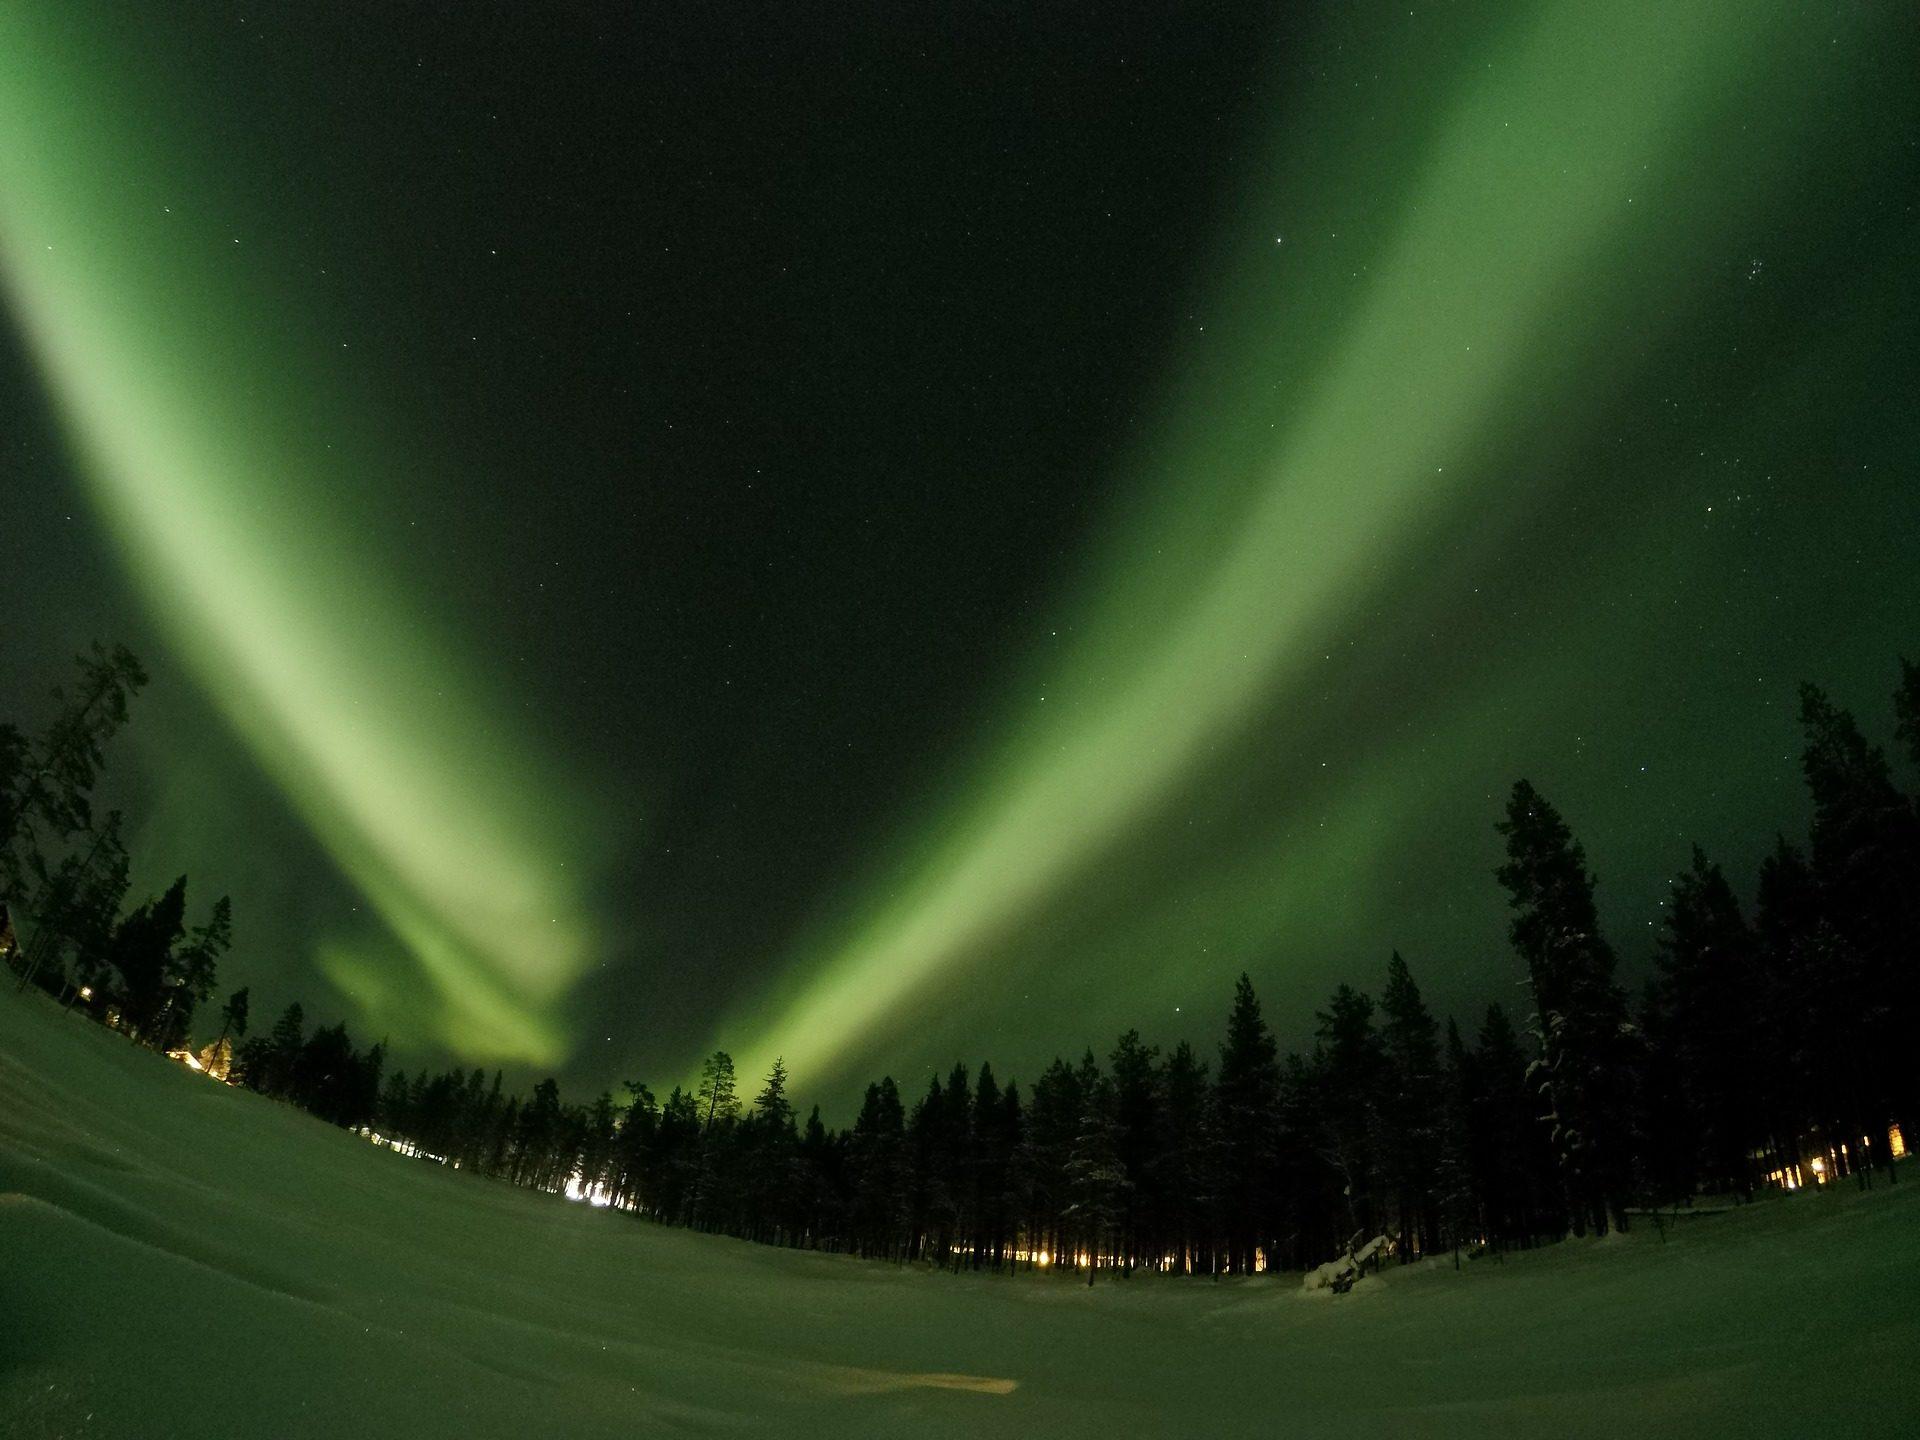 Aurora, Borealis, notte, luce, Artico, Lapponia, Finlandia - Sfondi HD - Professor-falken.com